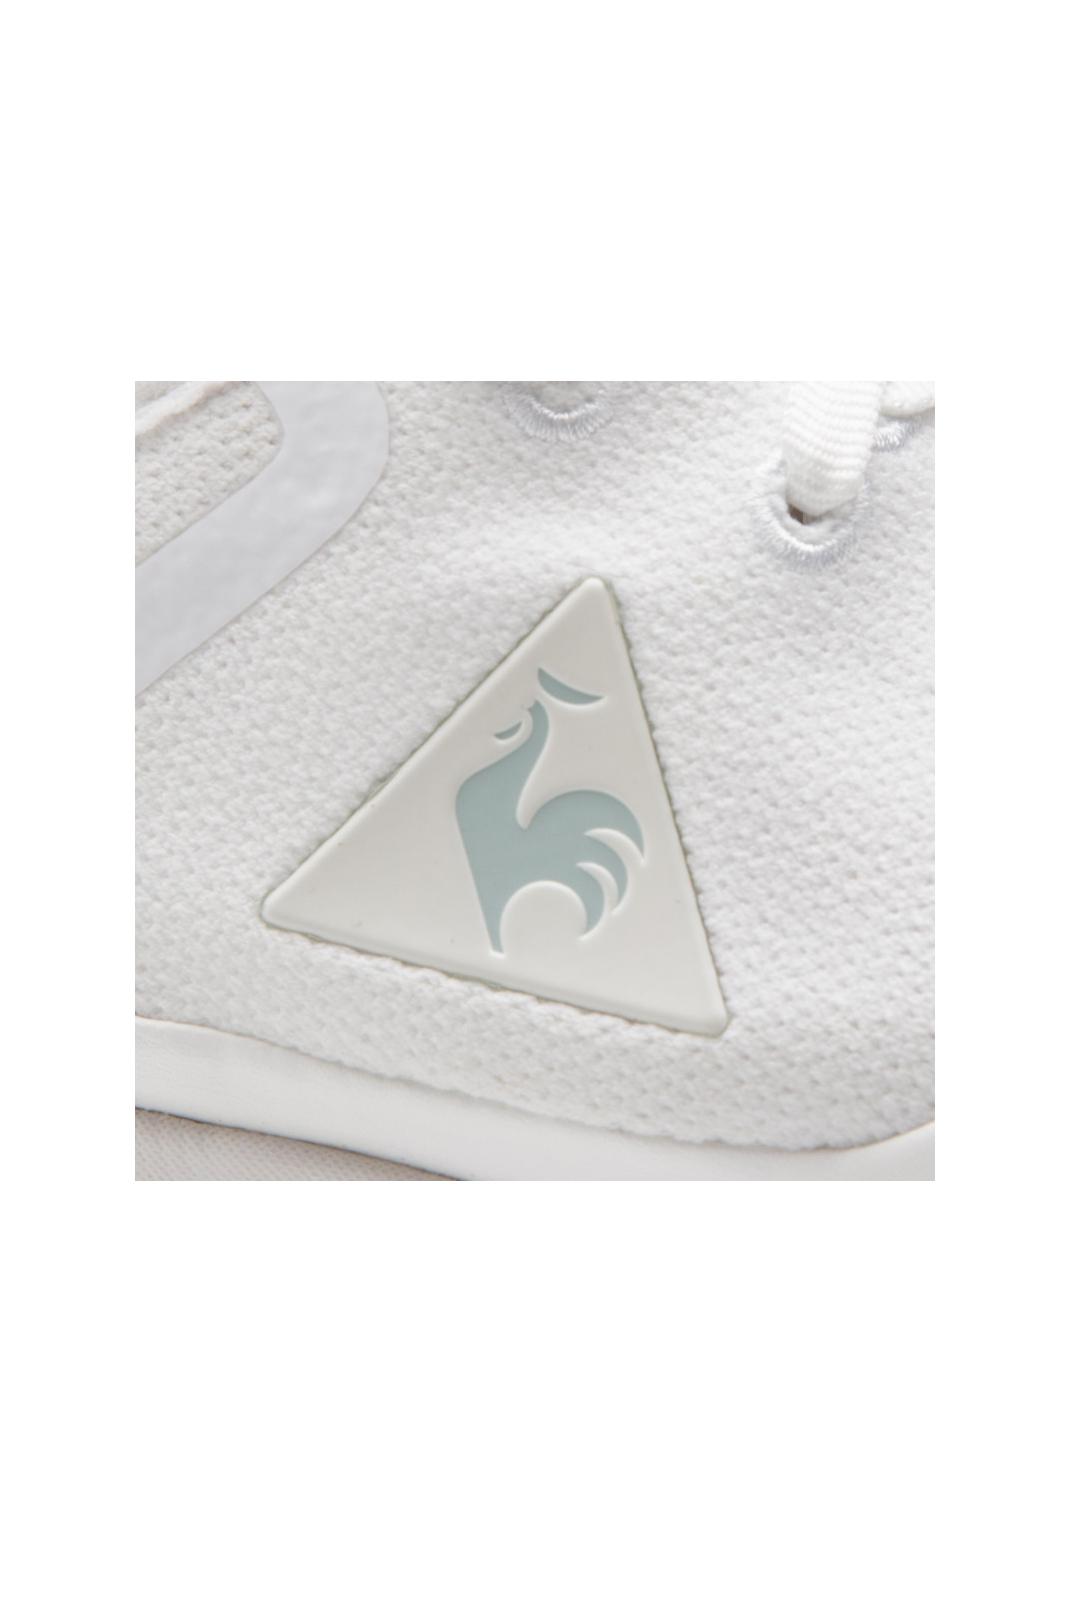 Baskets / Sneakers  Le coq sportif 1910485 SOLAS W DENIM OPTICAL WHITE / BLUE DENIM